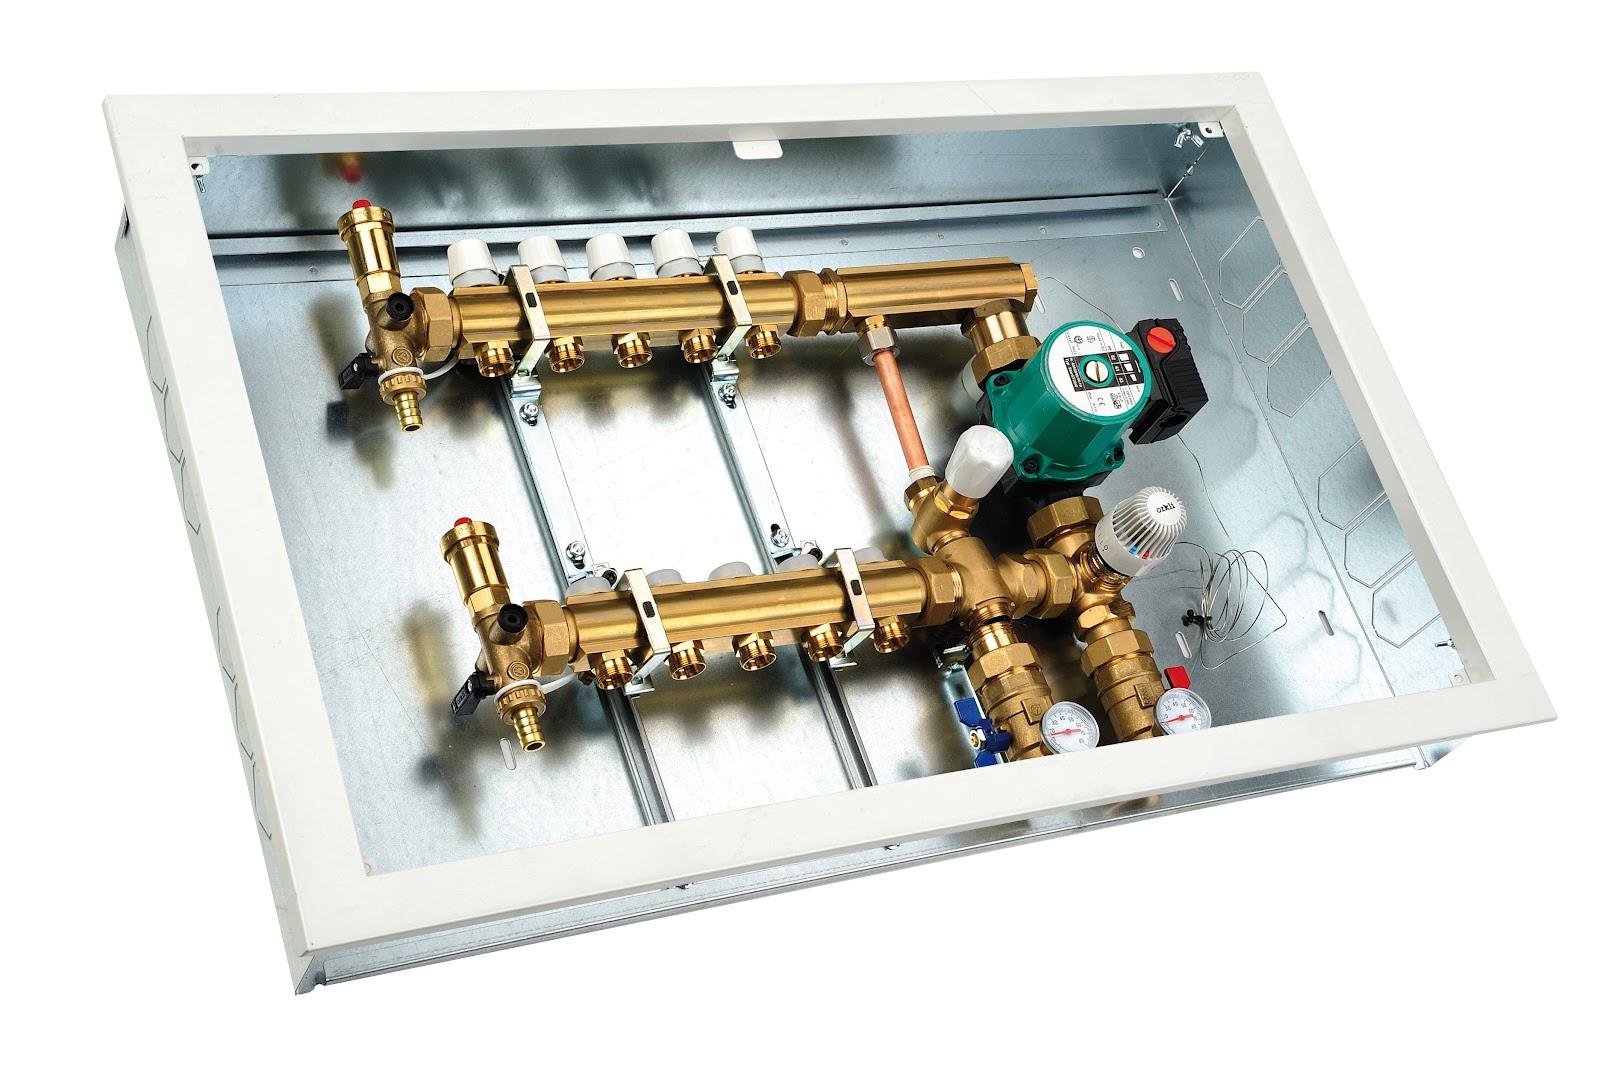 El blog de instal lacions elean sistema de regulaci n a - Caldera para suelo radiante ...